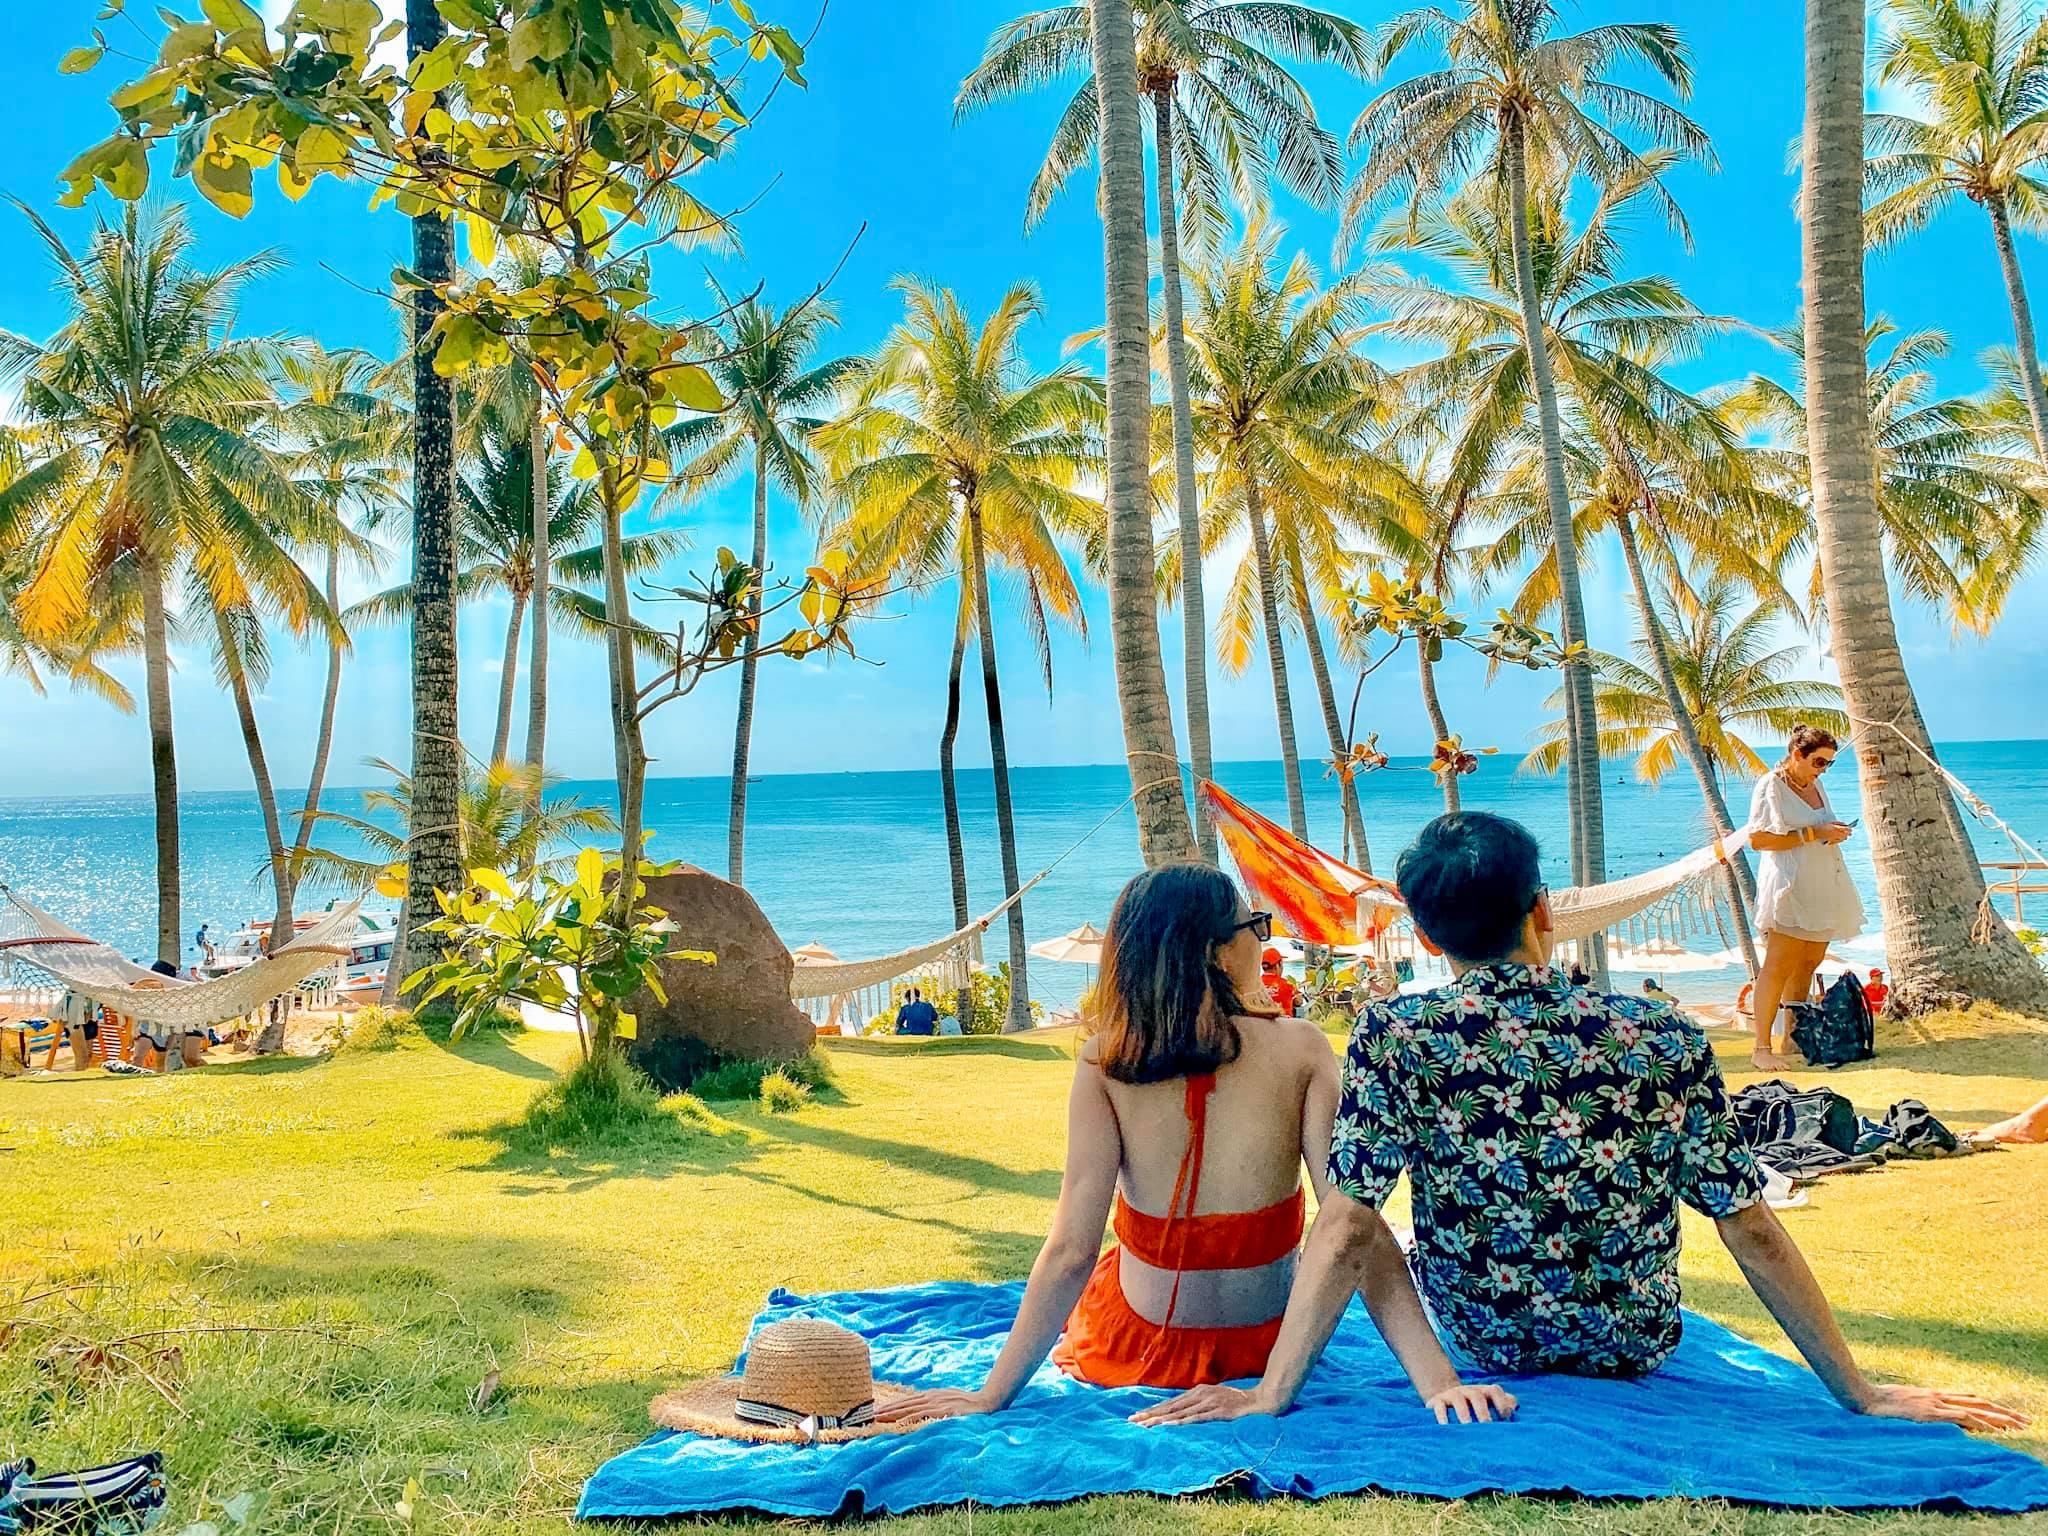 Phú Quốc sở hữu nhiều khu nghỉ dưỡng với chi phí hợp lý. Hình: Sưu tầm